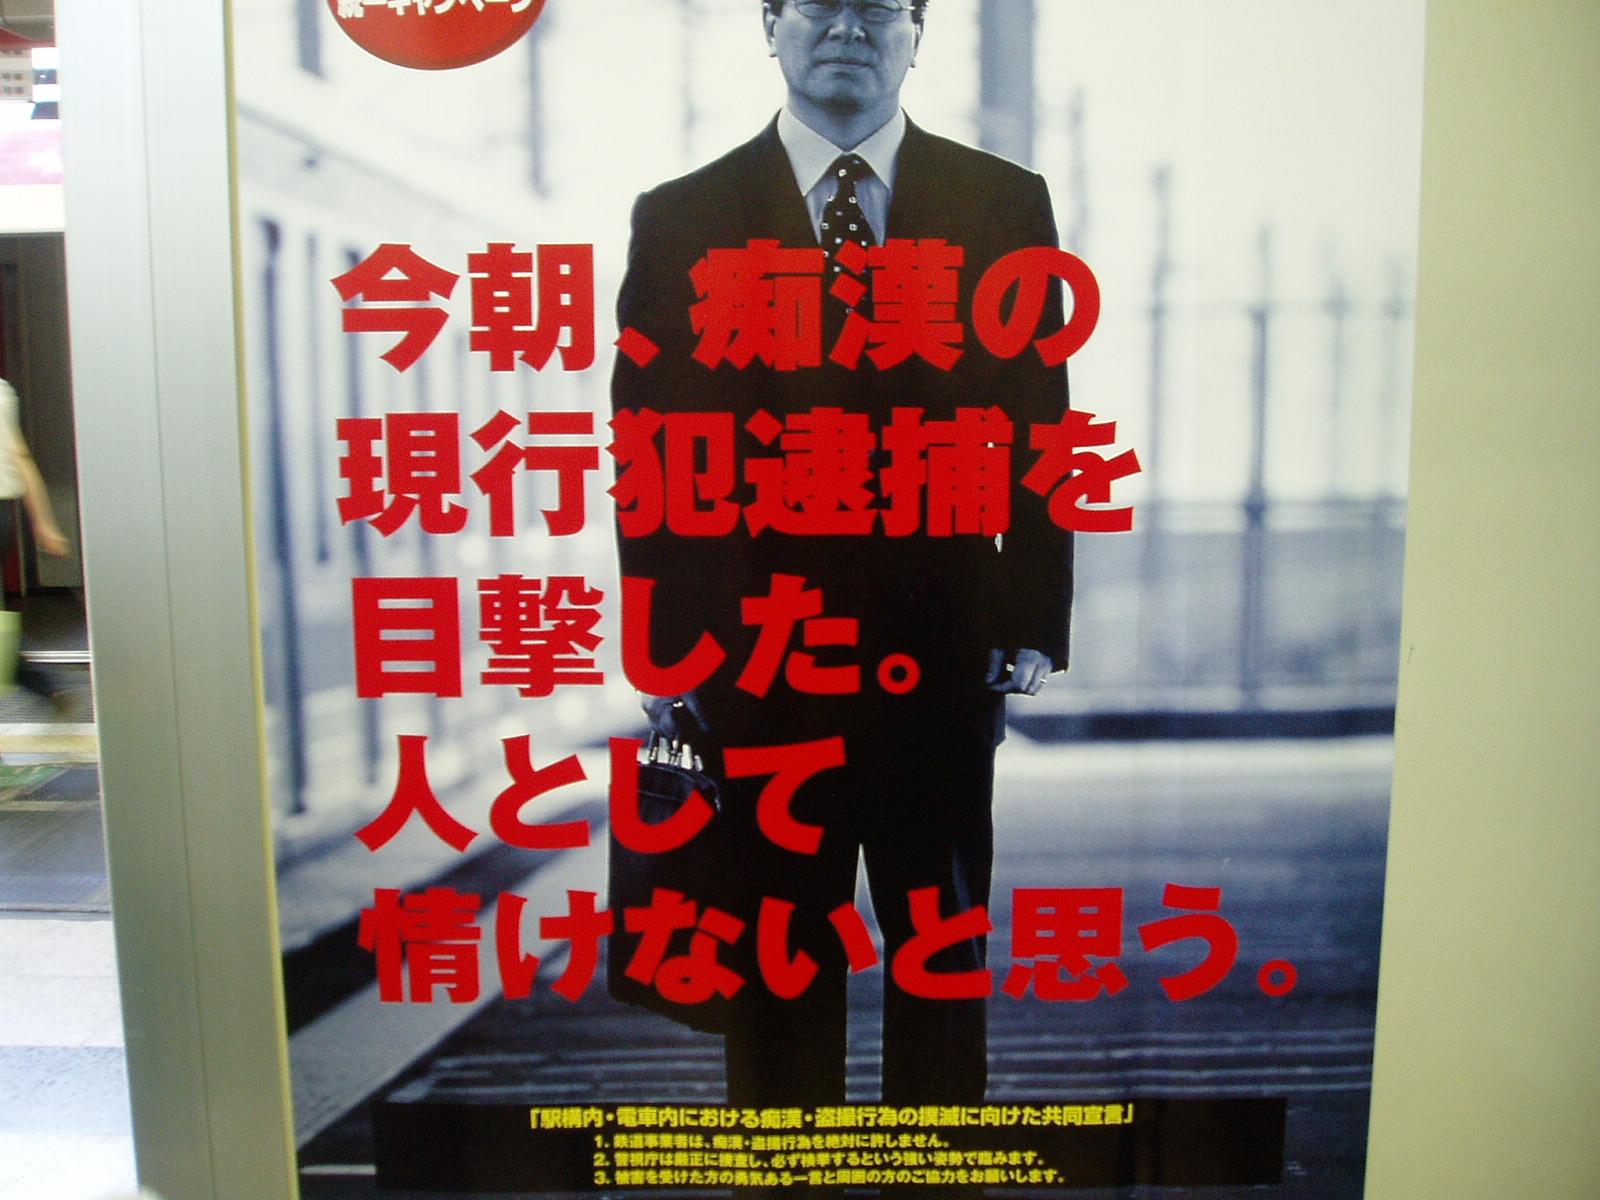 愛知県警の痴漢撲滅キャンペーンポスター「あの人、逮捕されたらしいよ」についての画像3-2